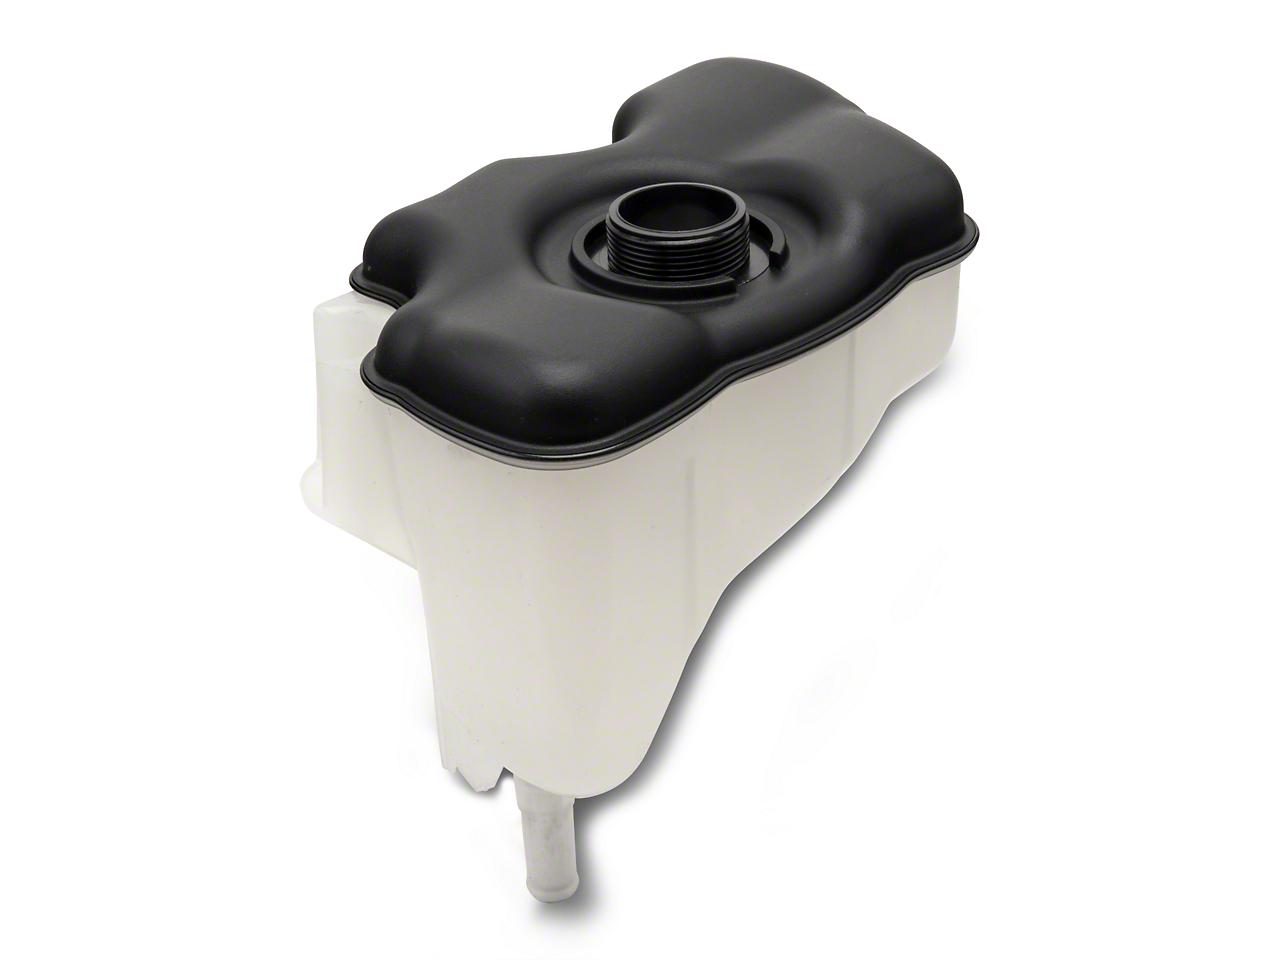 Roush Heat Exchanger Coolant Tank (10-14 GT)